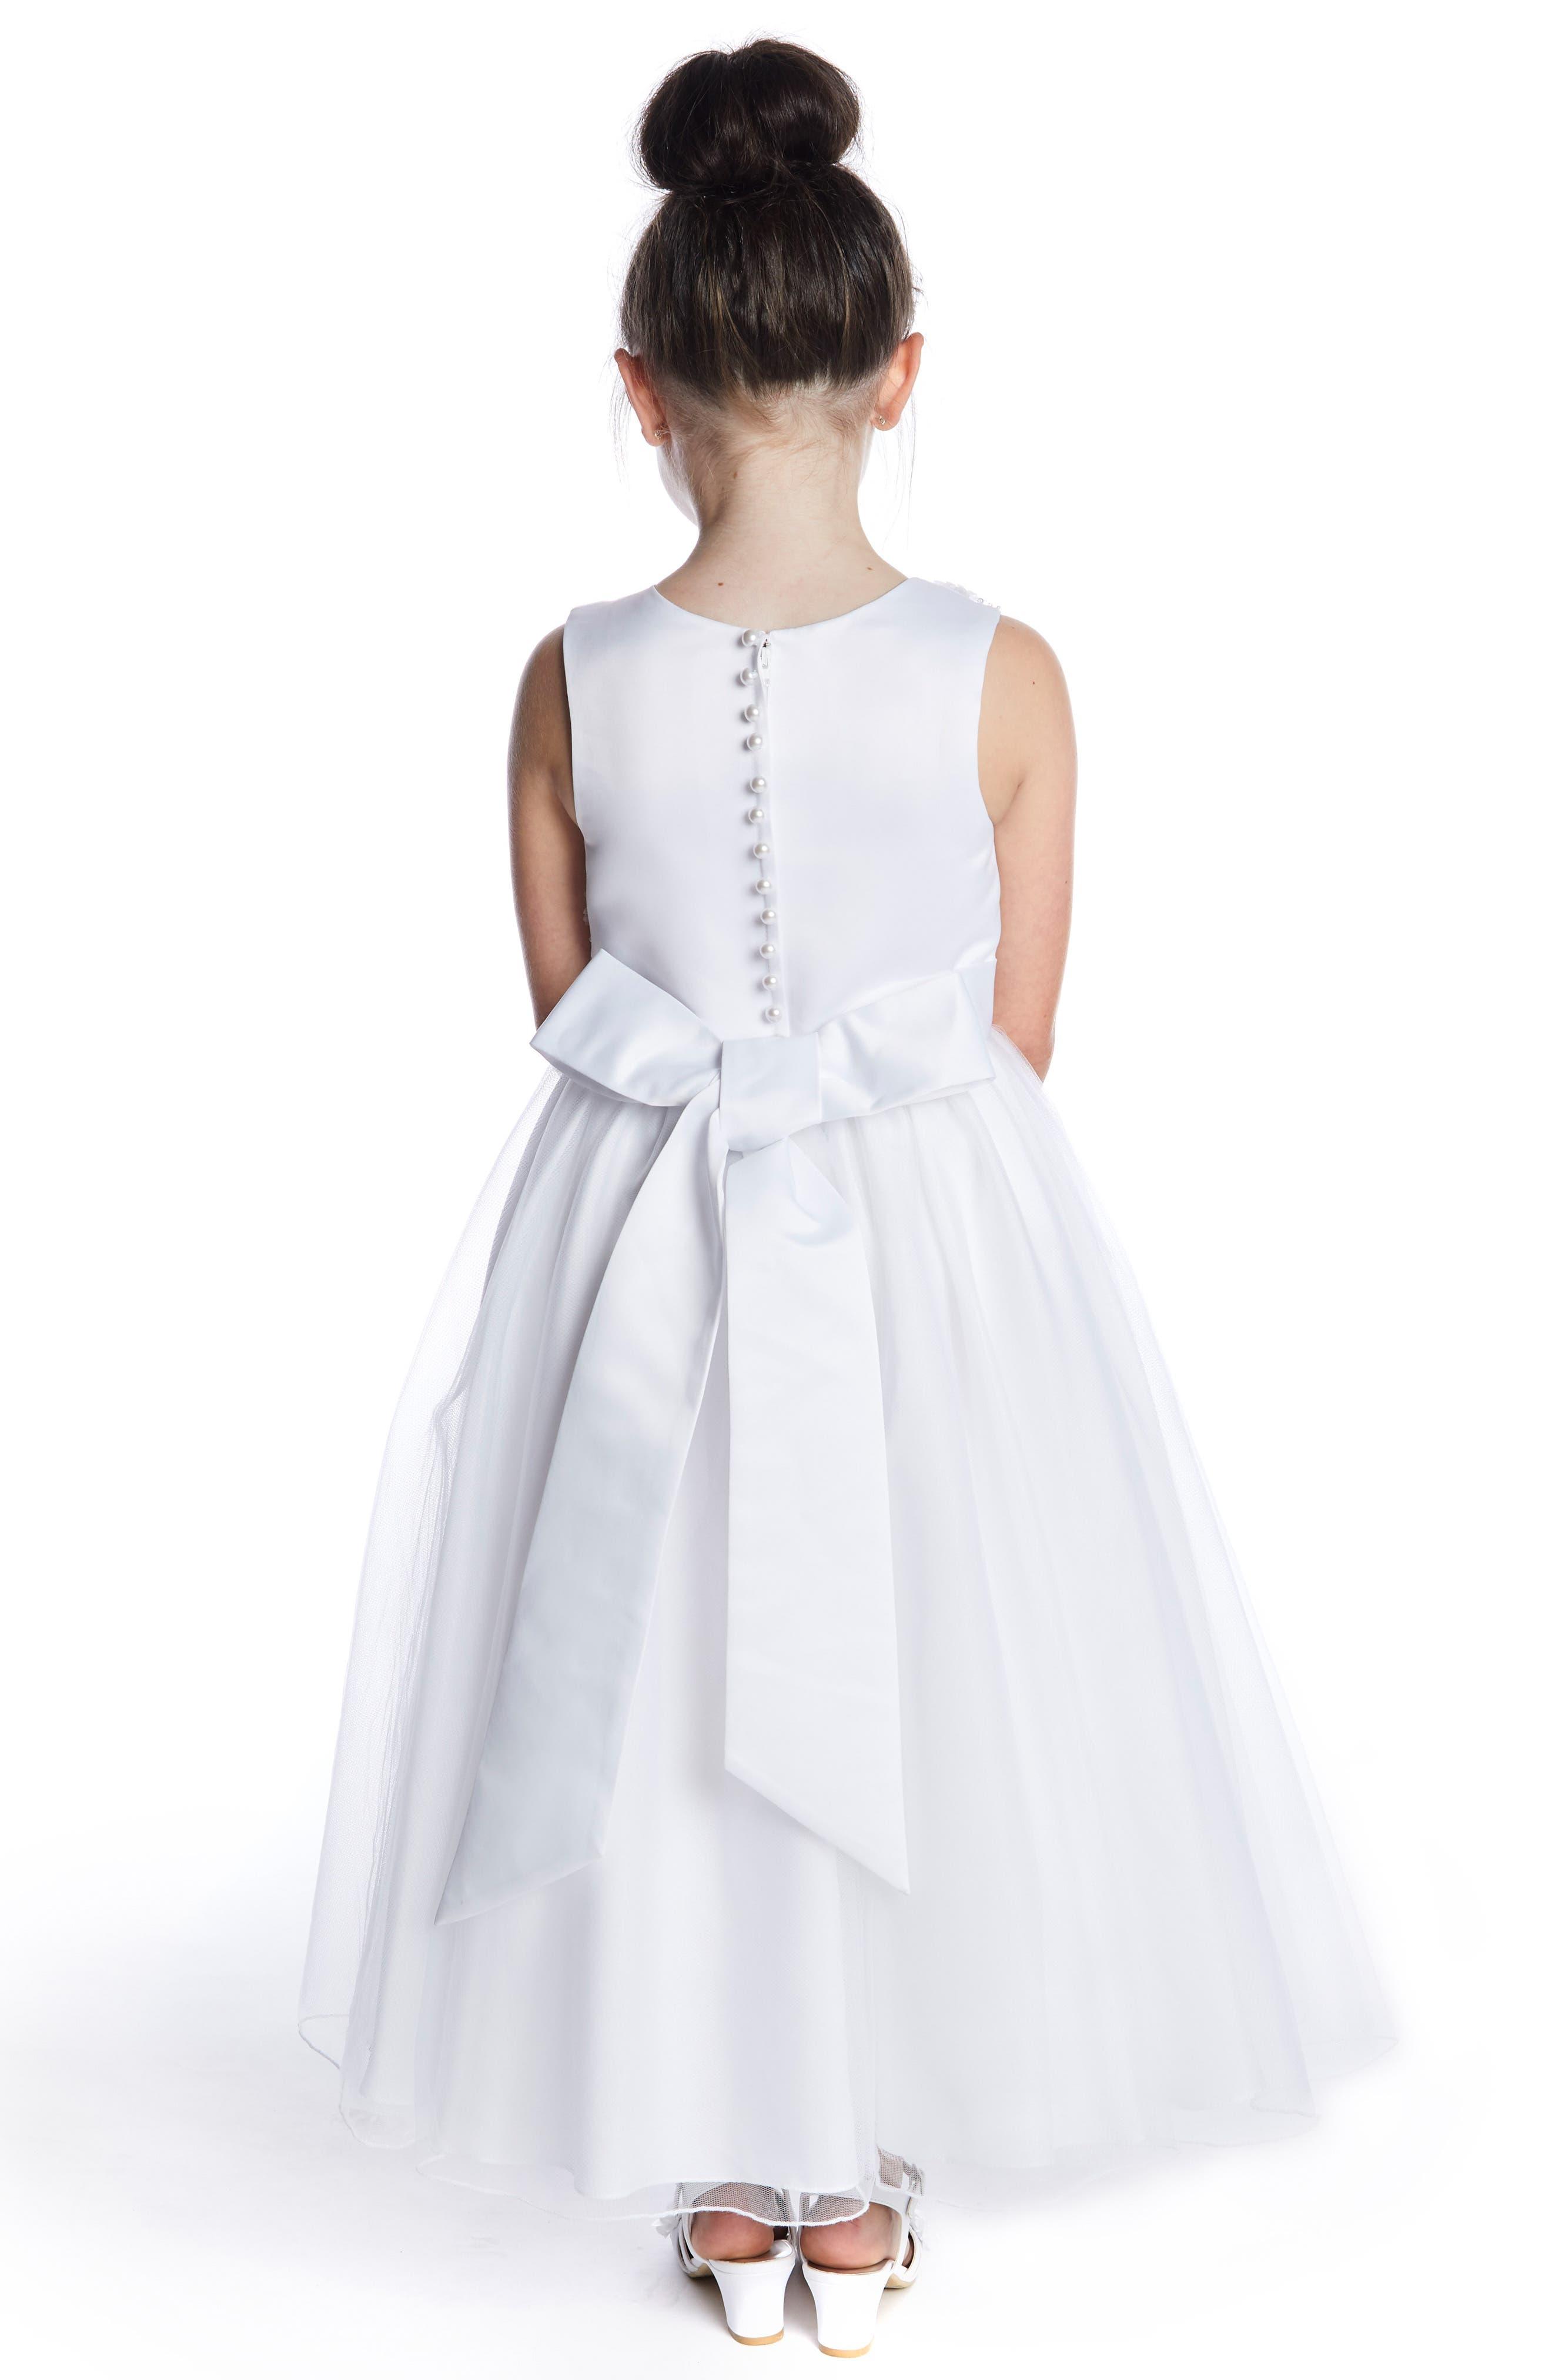 LAUREN MARIE, Imitation Pearl Tulle Dress, Alternate thumbnail 3, color, WHITE